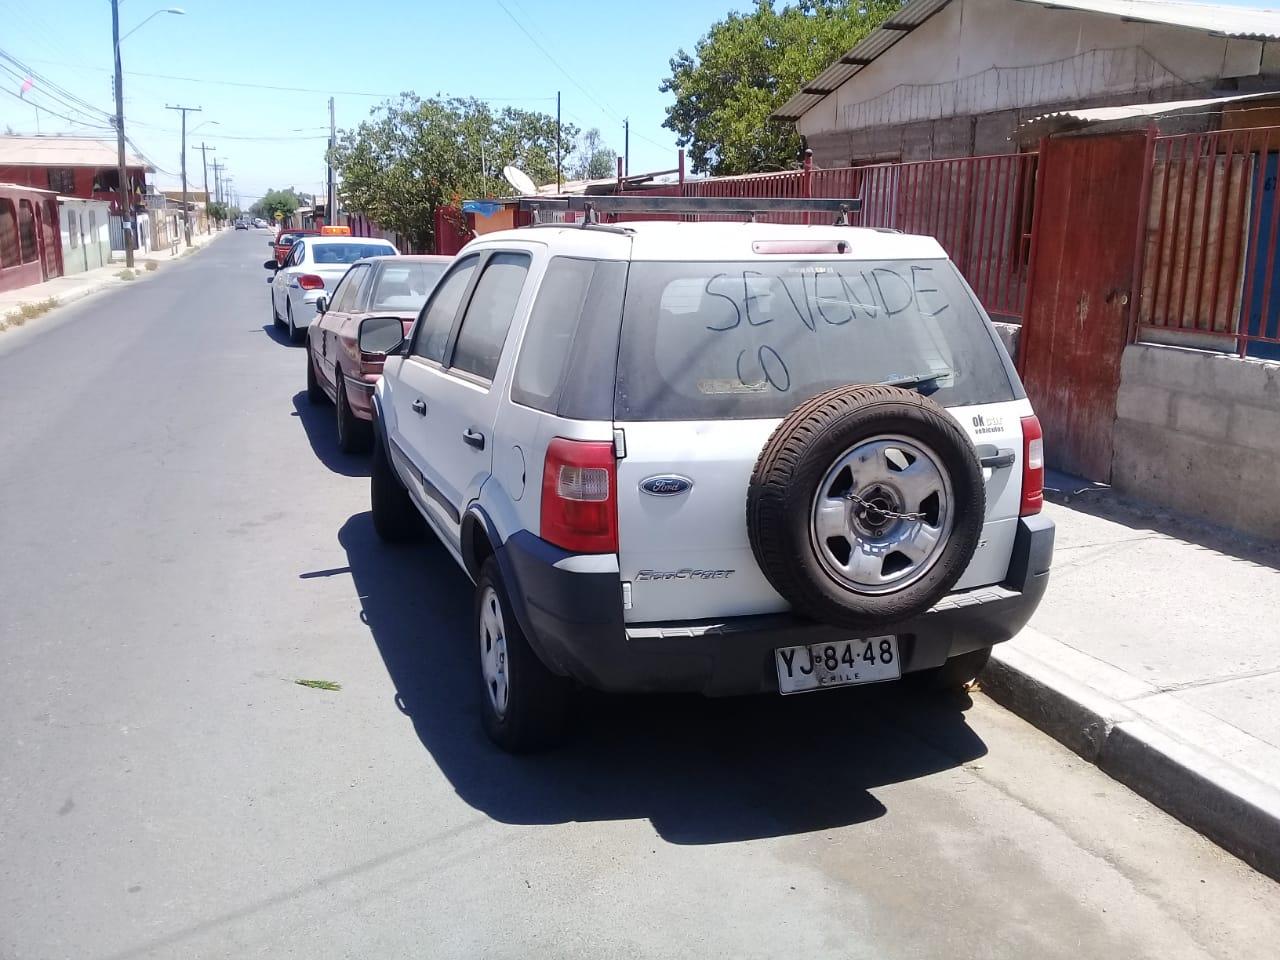 Autos abandonados son retirados en Vallenar